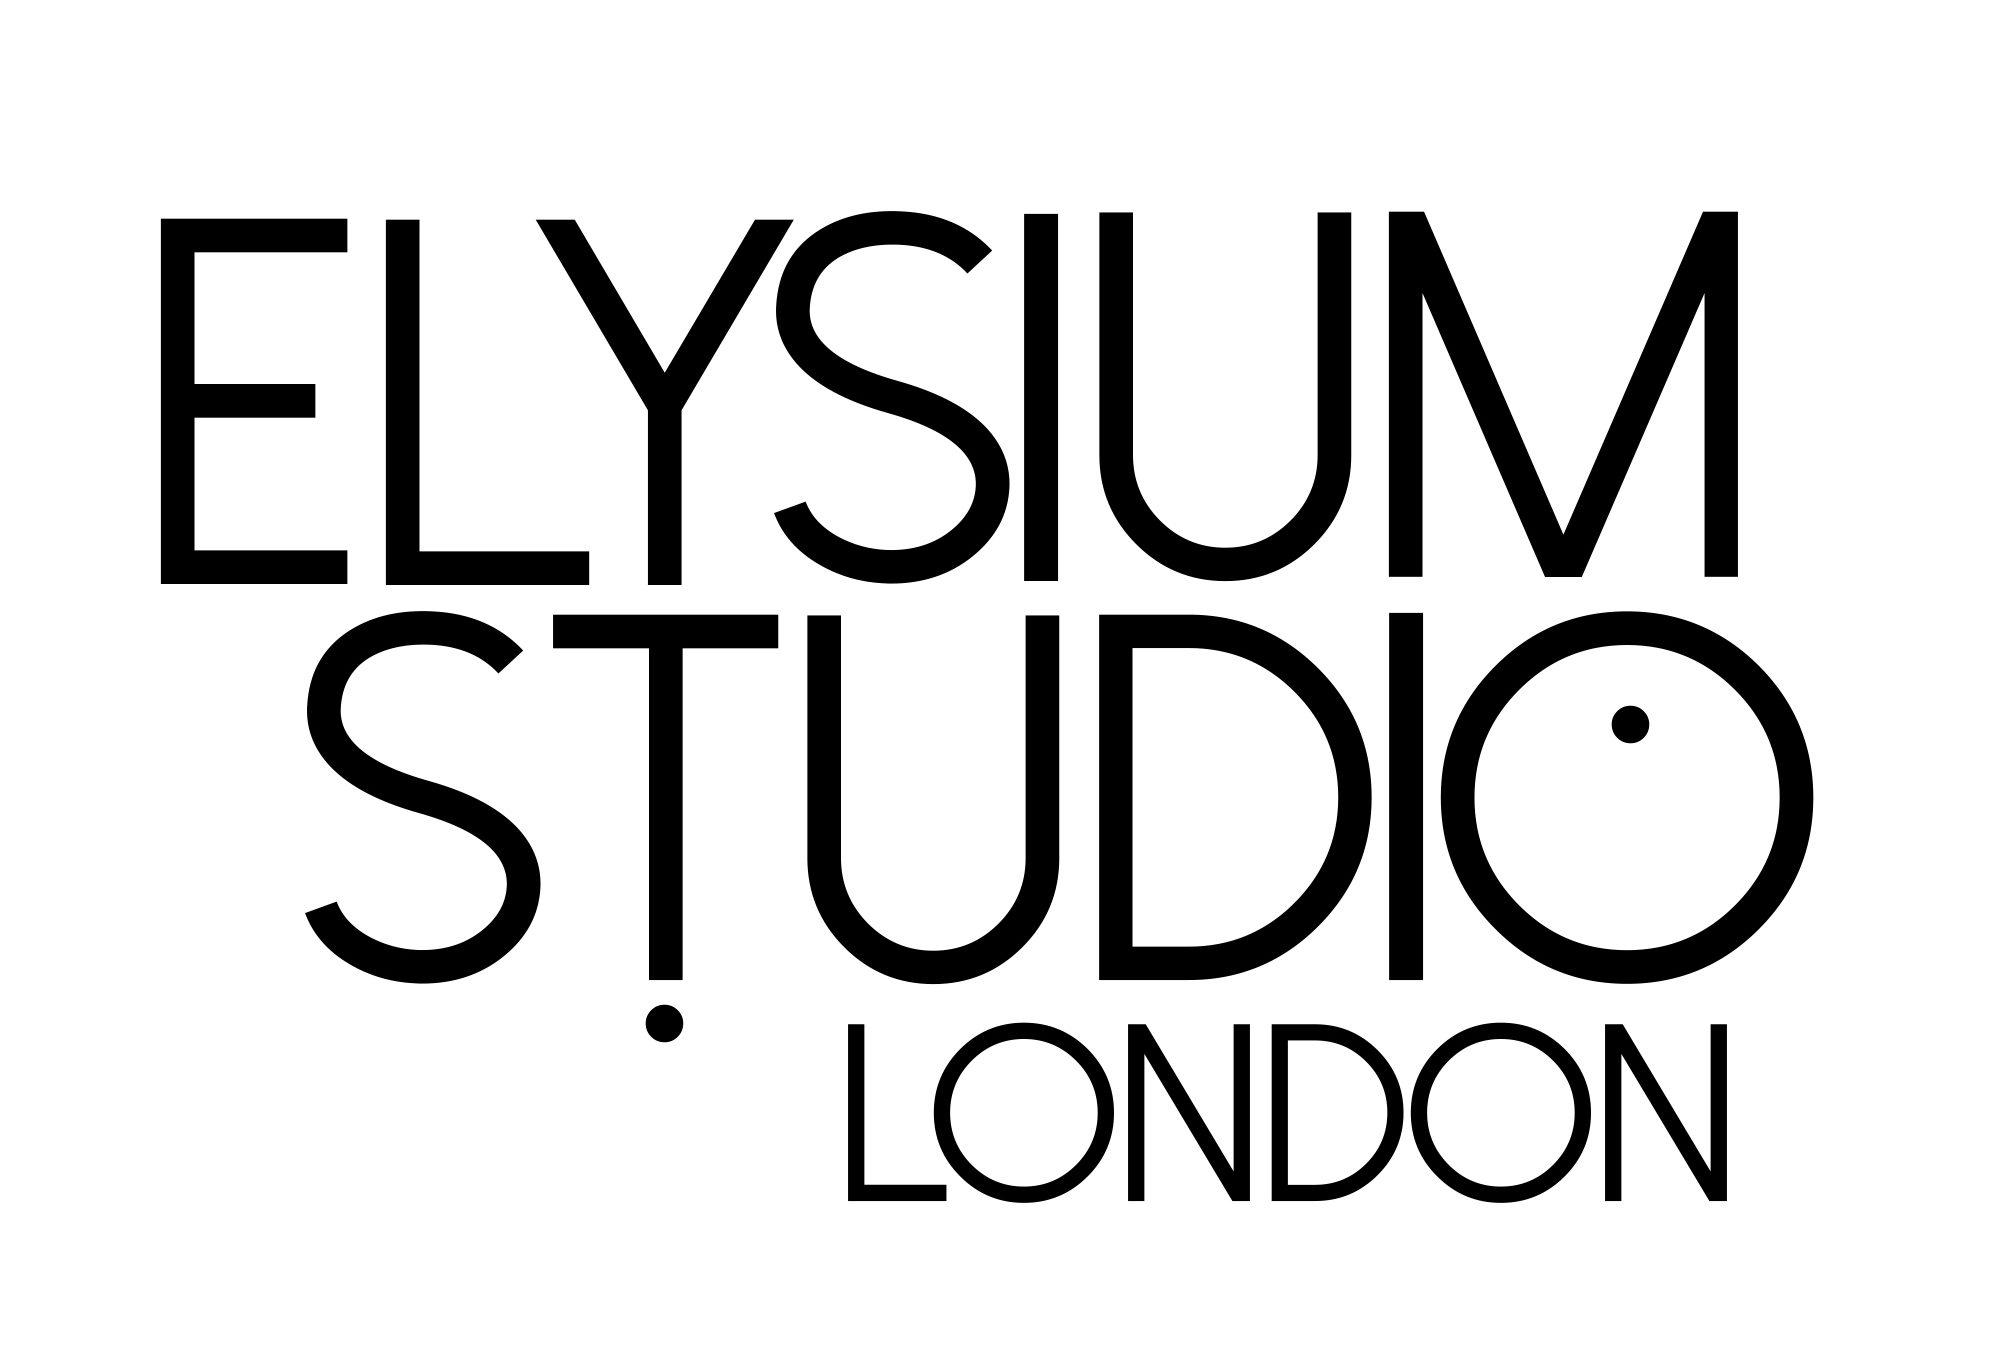 Elysium Studio